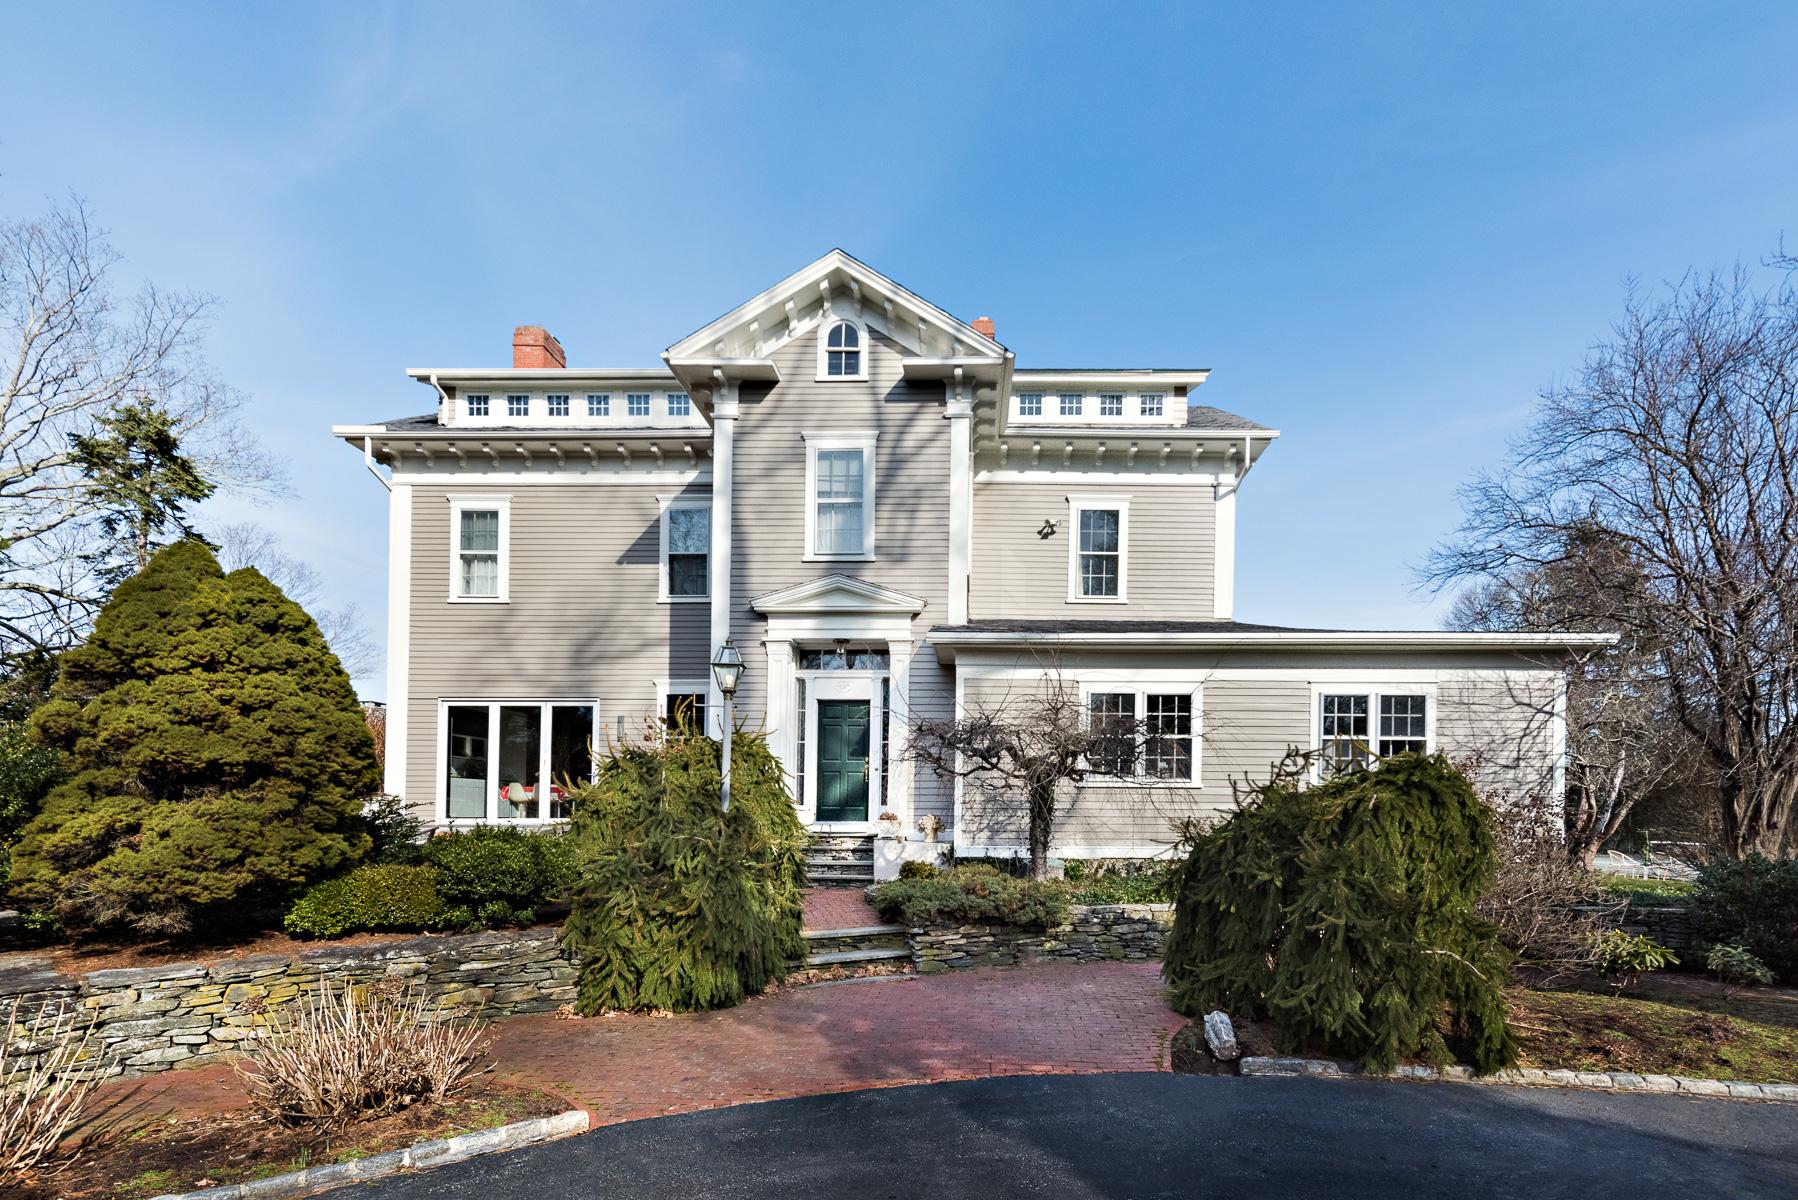 Villa per Vendita alle ore 129 RUMSTICK ROAD BARRINGTON, RHODE ISLAND 129 Rumstick Rd Barrington, Rhode Island, 02806 Stati Uniti